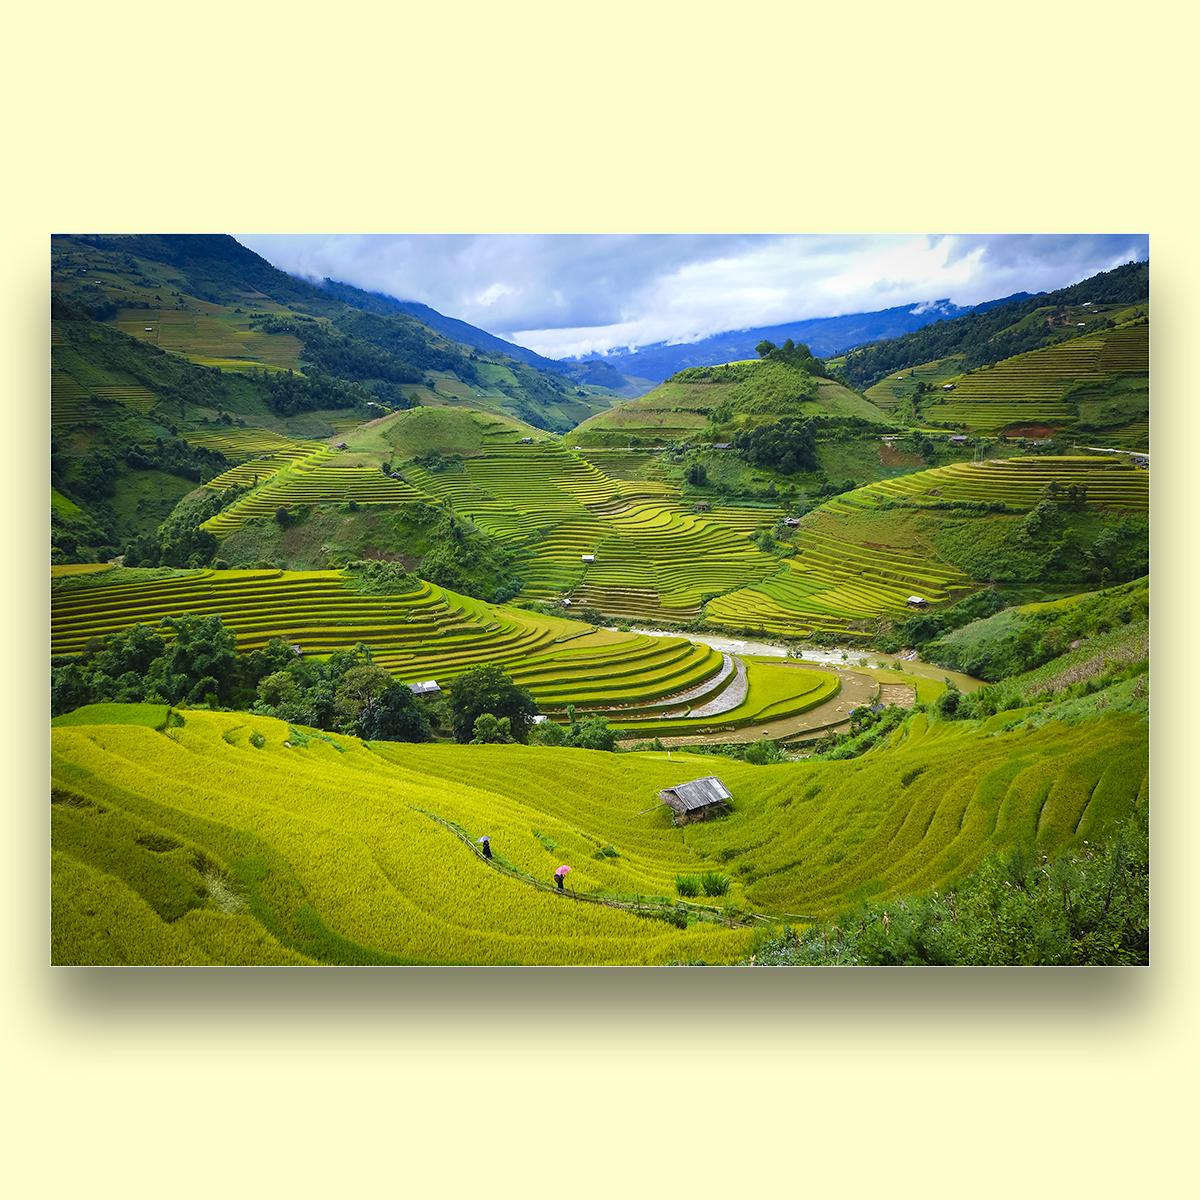 Tranh phong cảnh Việt Nam - In phun UV trên vải CANVAS bọc khung gỗ